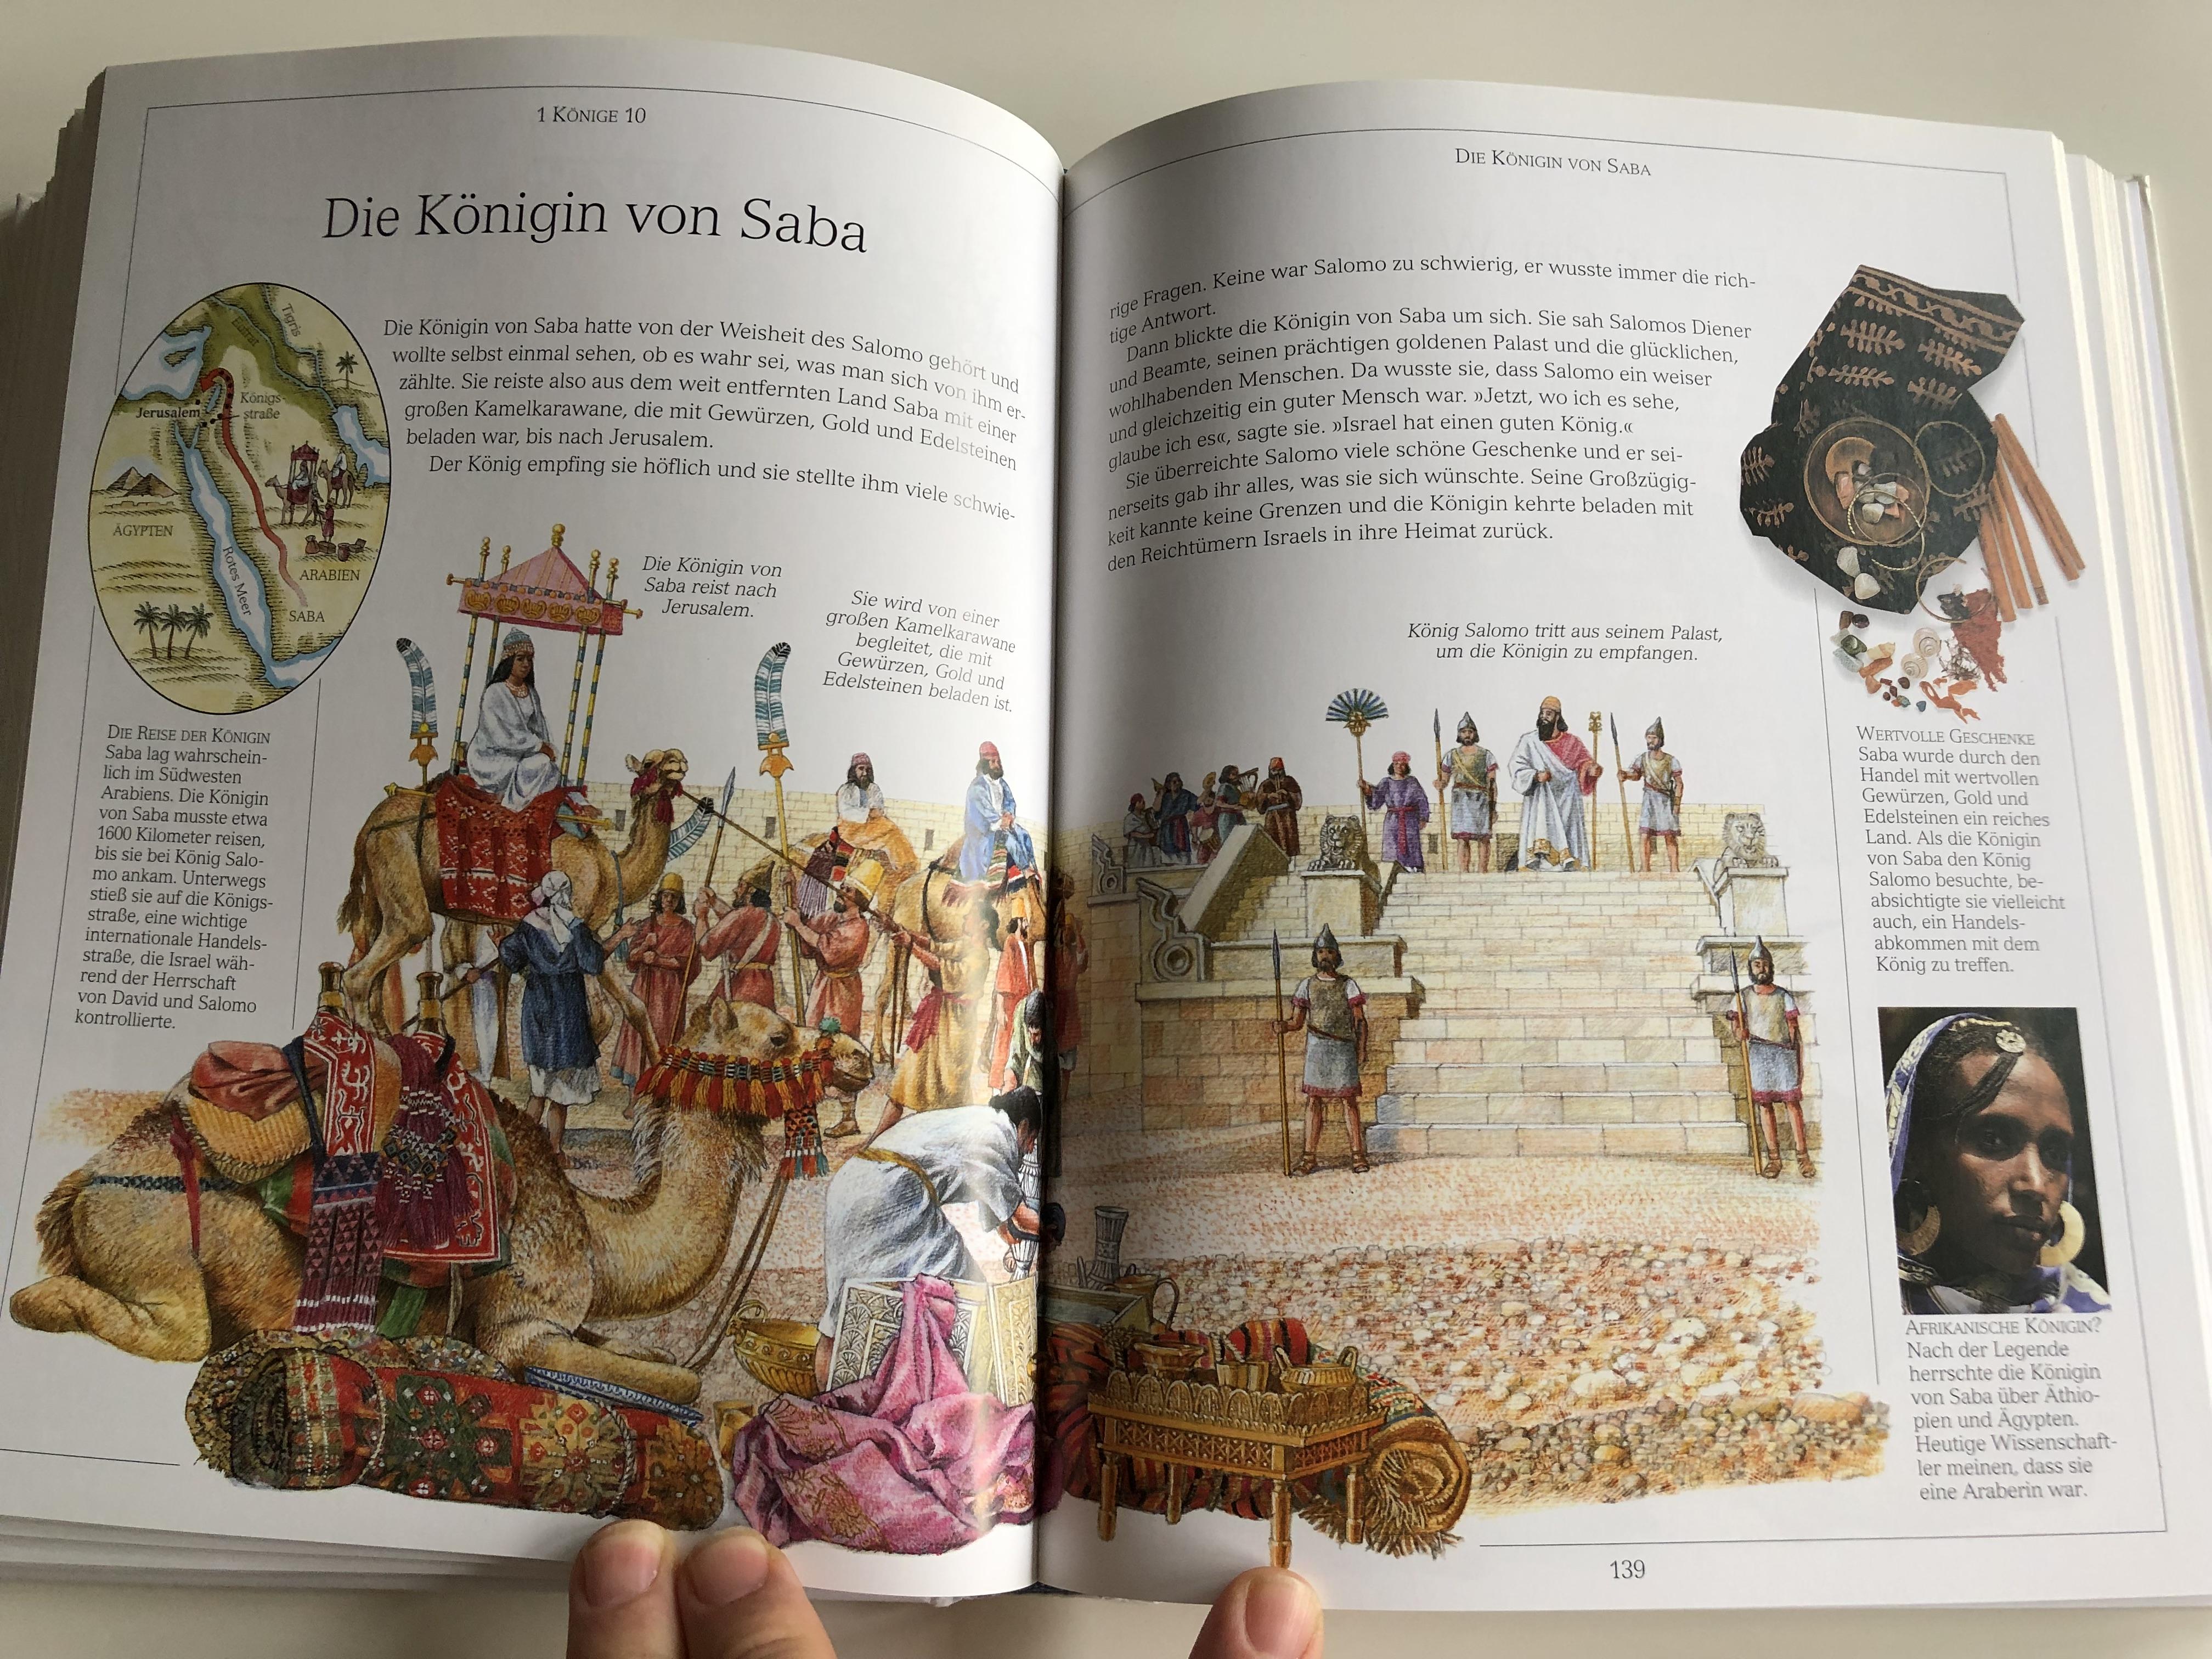 illustrierte-bibel-f-r-kinder-by-selina-hastings-german-translation-of-the-children-s-illustrated-bible-color-illustrations-maps-and-photos-dorling-kindersley-12-.jpg